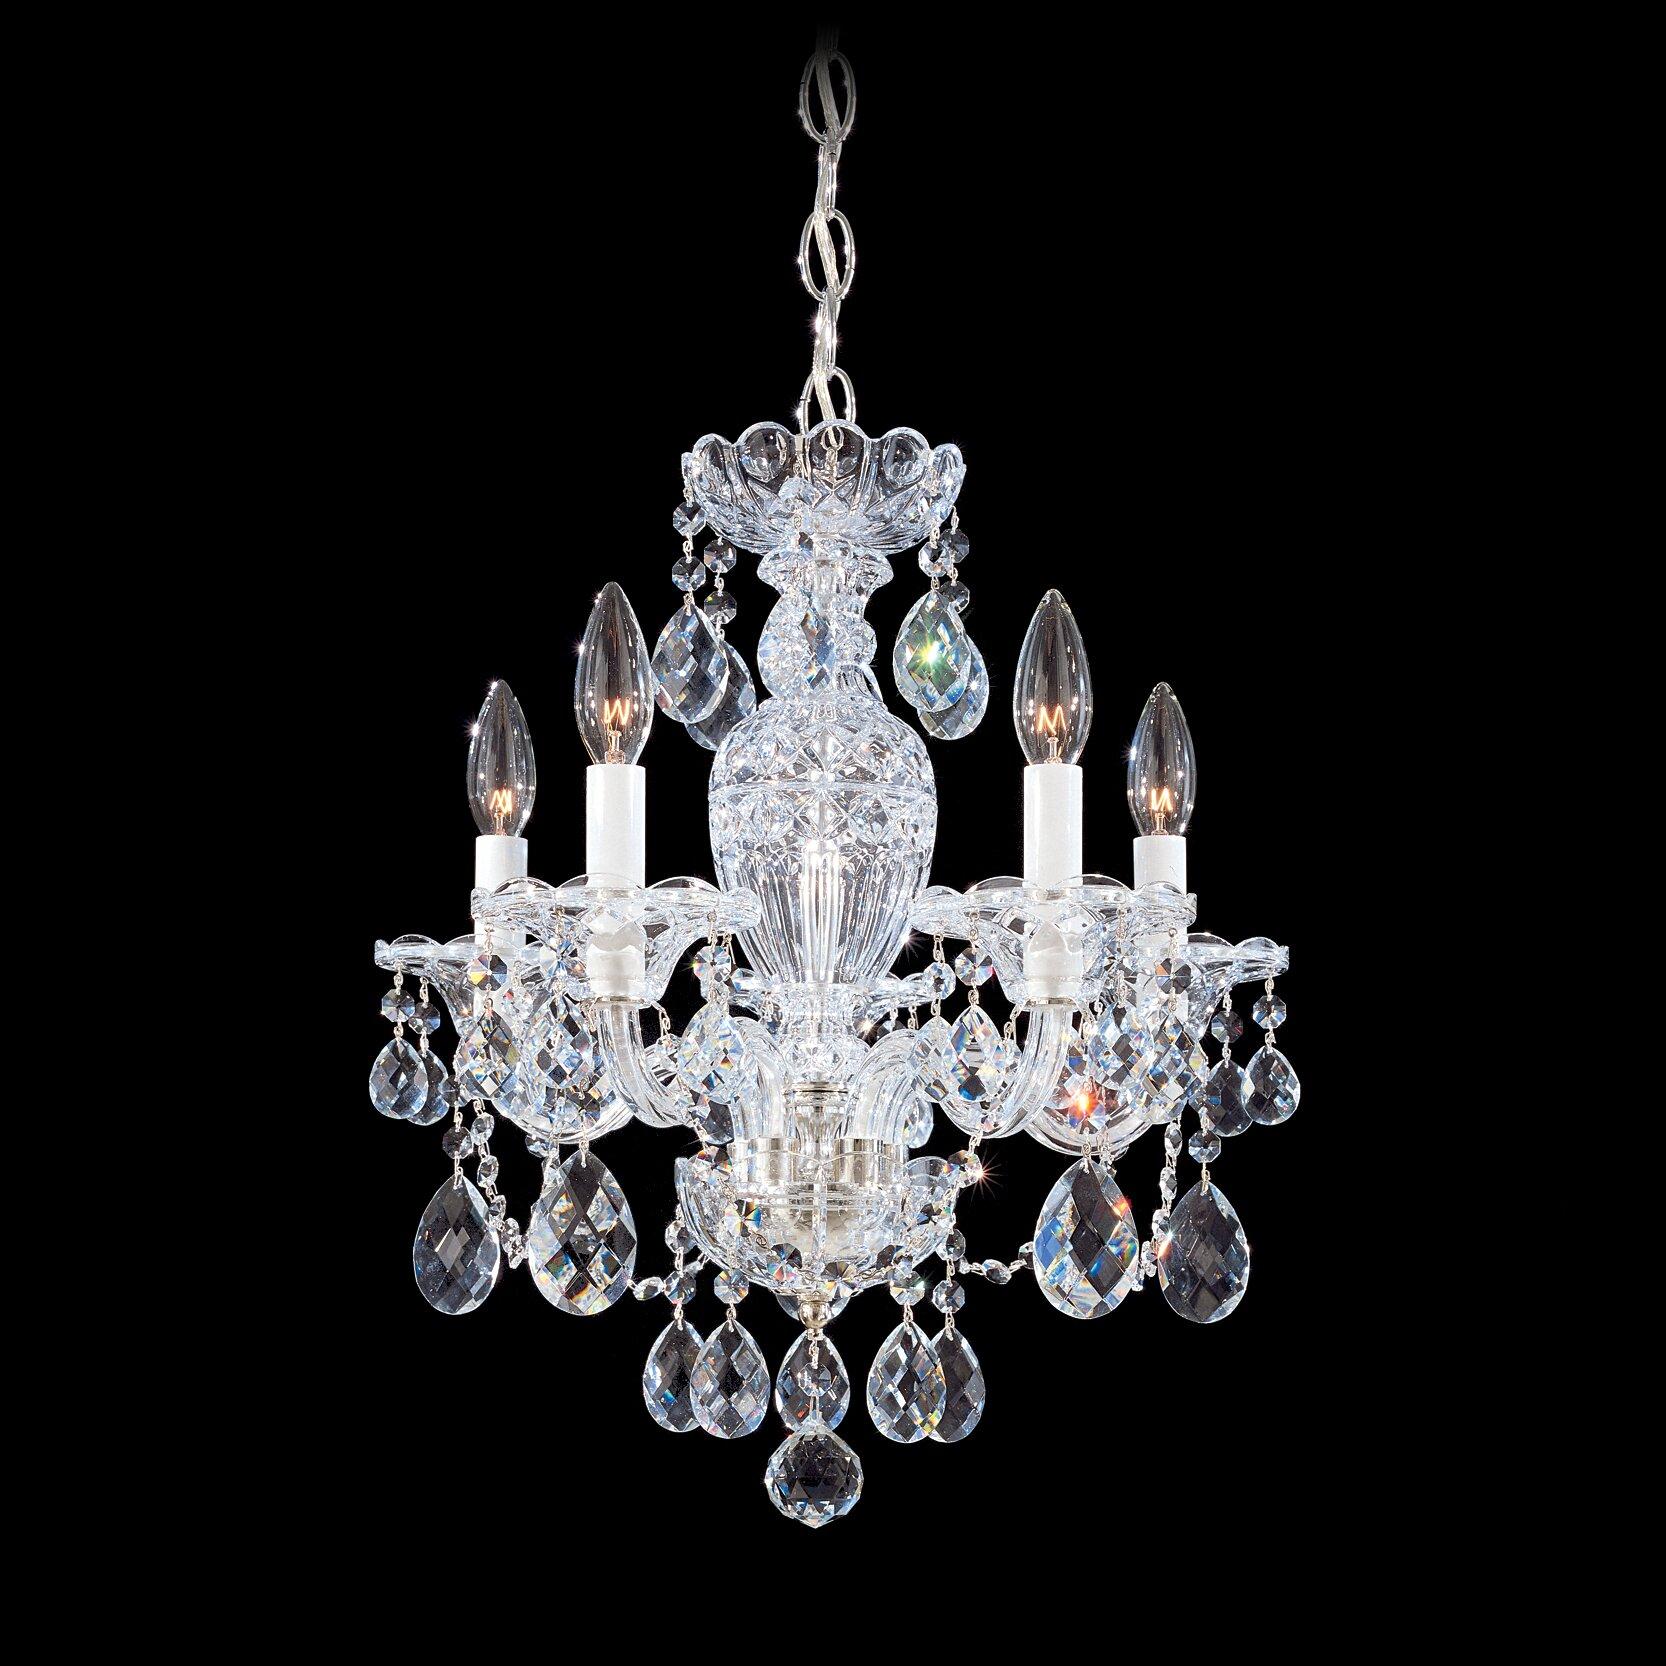 Schonbek Sterling 5Light Crystal Chandelier Reviews – Crystal Chandelier Lights